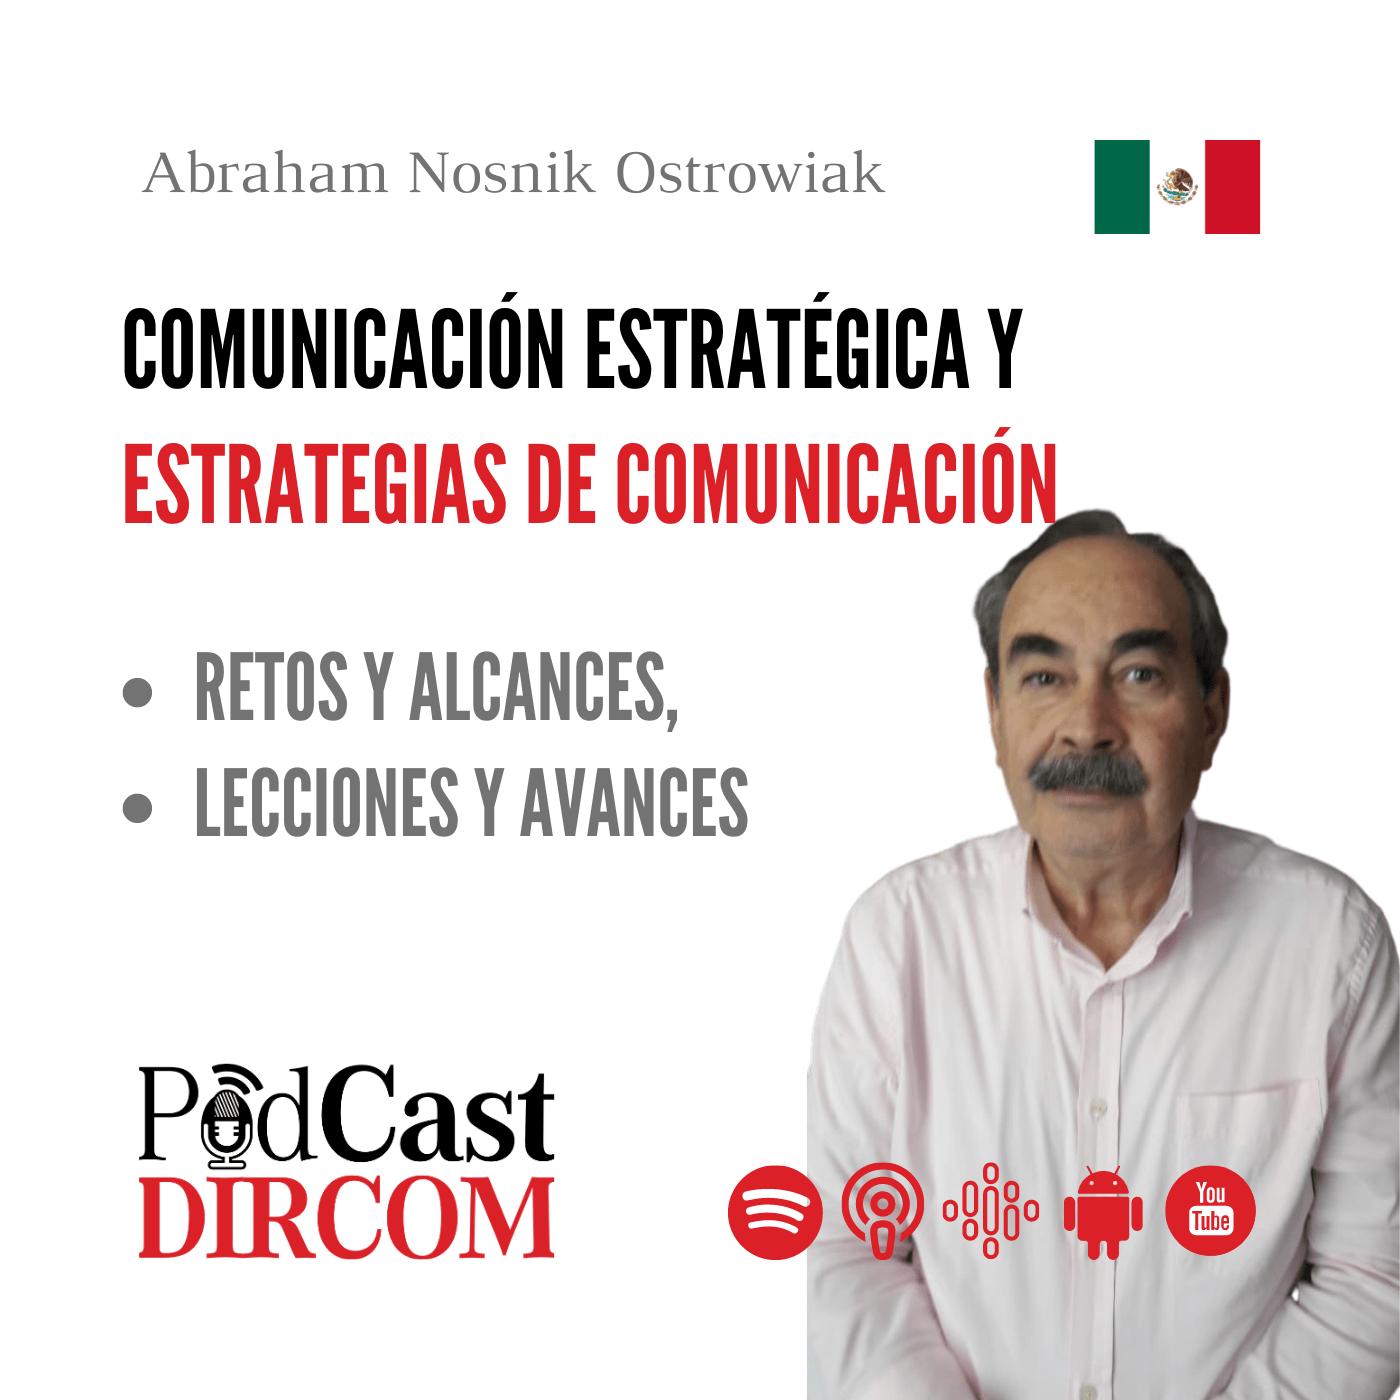 Comunicación Estratégica y Estrategias de Comunicación